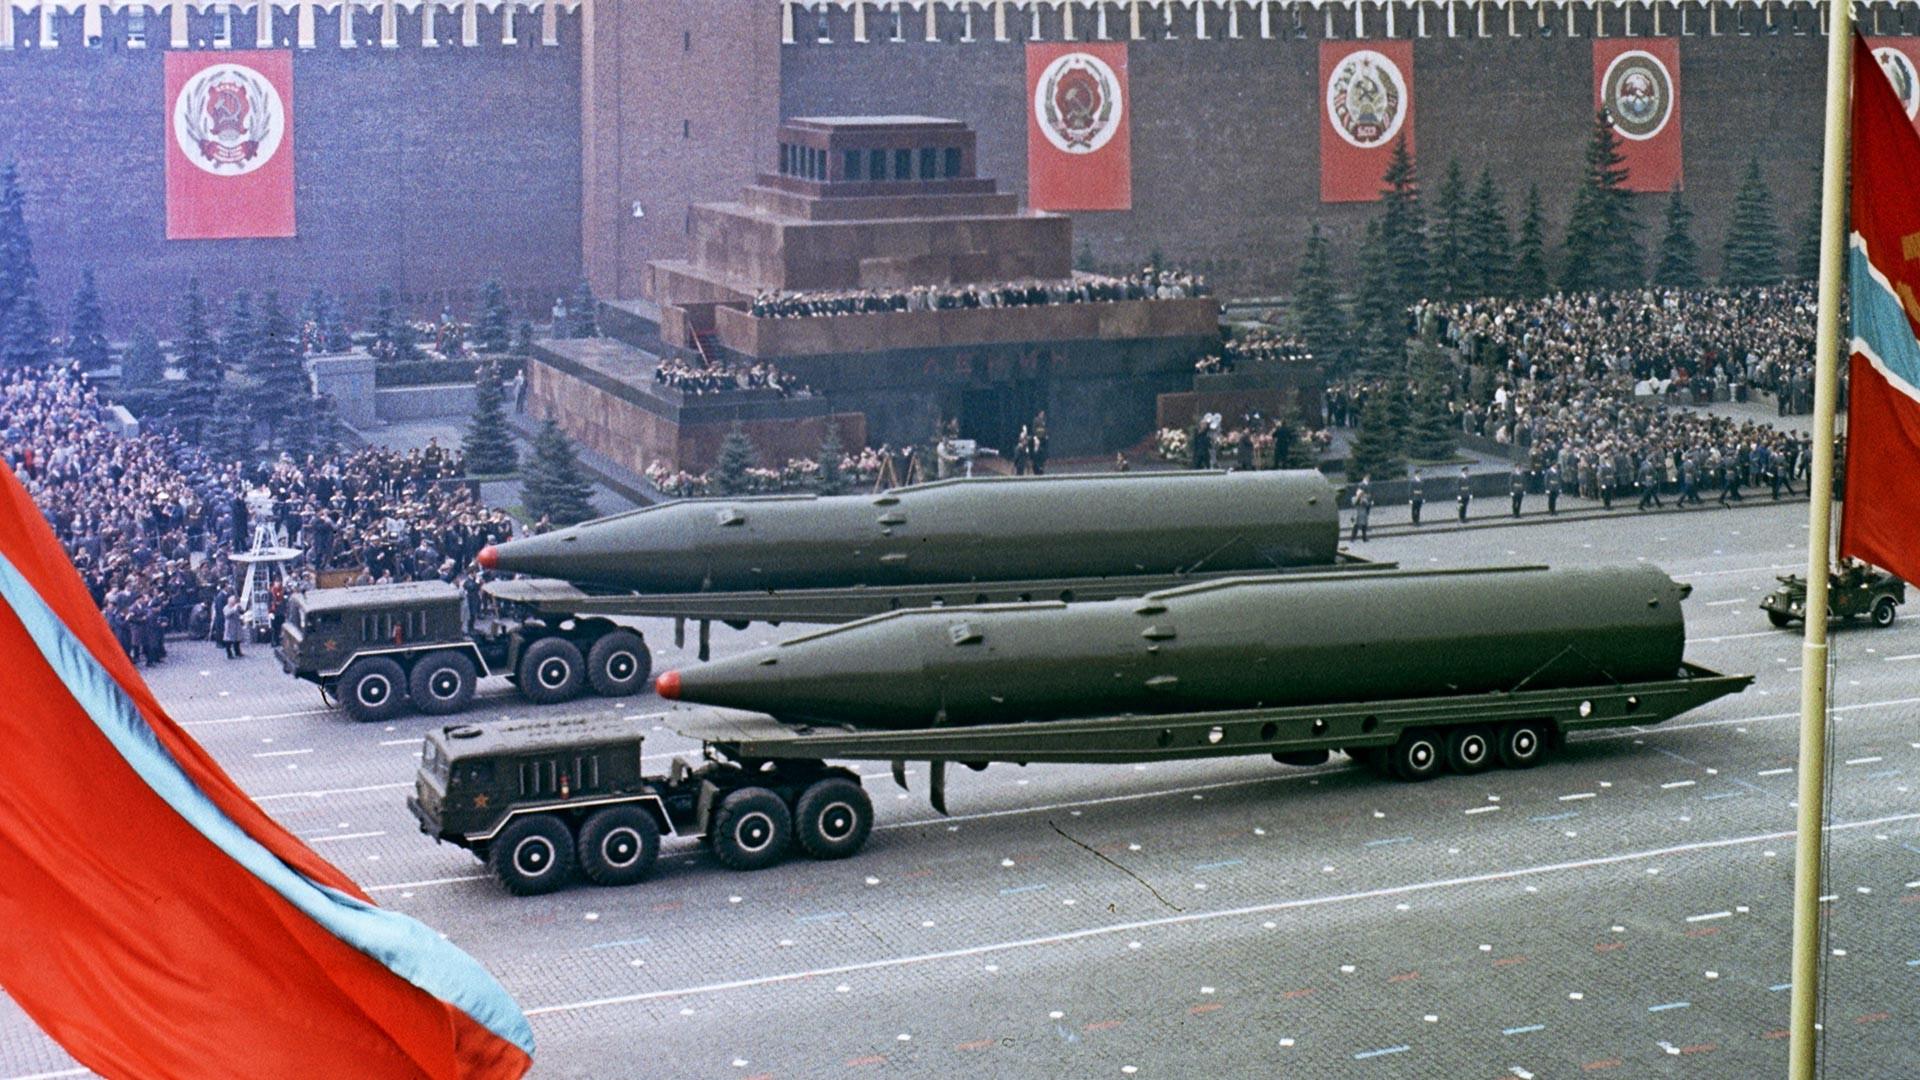 Војна парада на Црвеном тргу поводом 20-годишњице Победе у Великом отаџбинском рату 1941-1945.